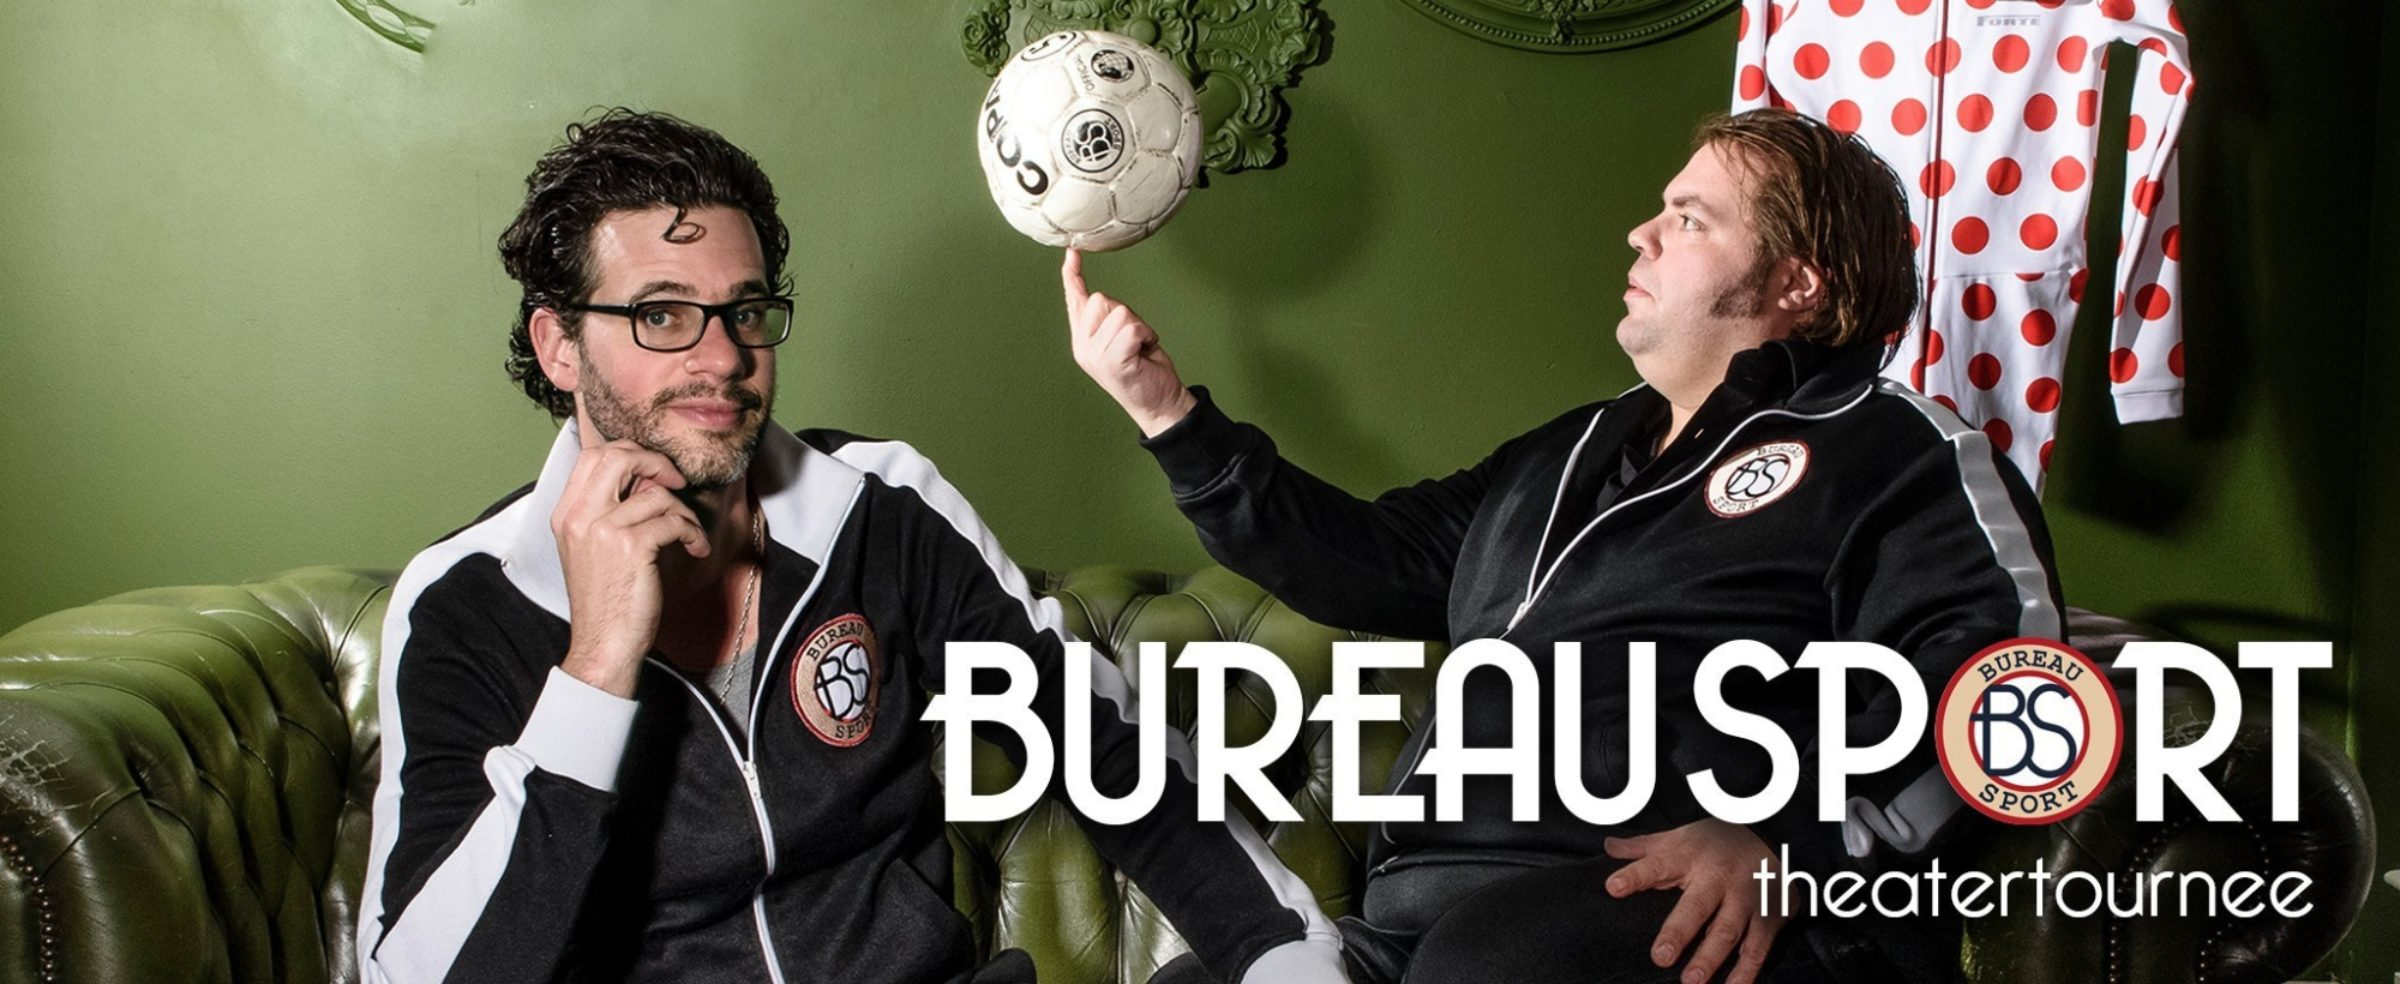 Bureausport 2228 1550490097 35hxcssyum